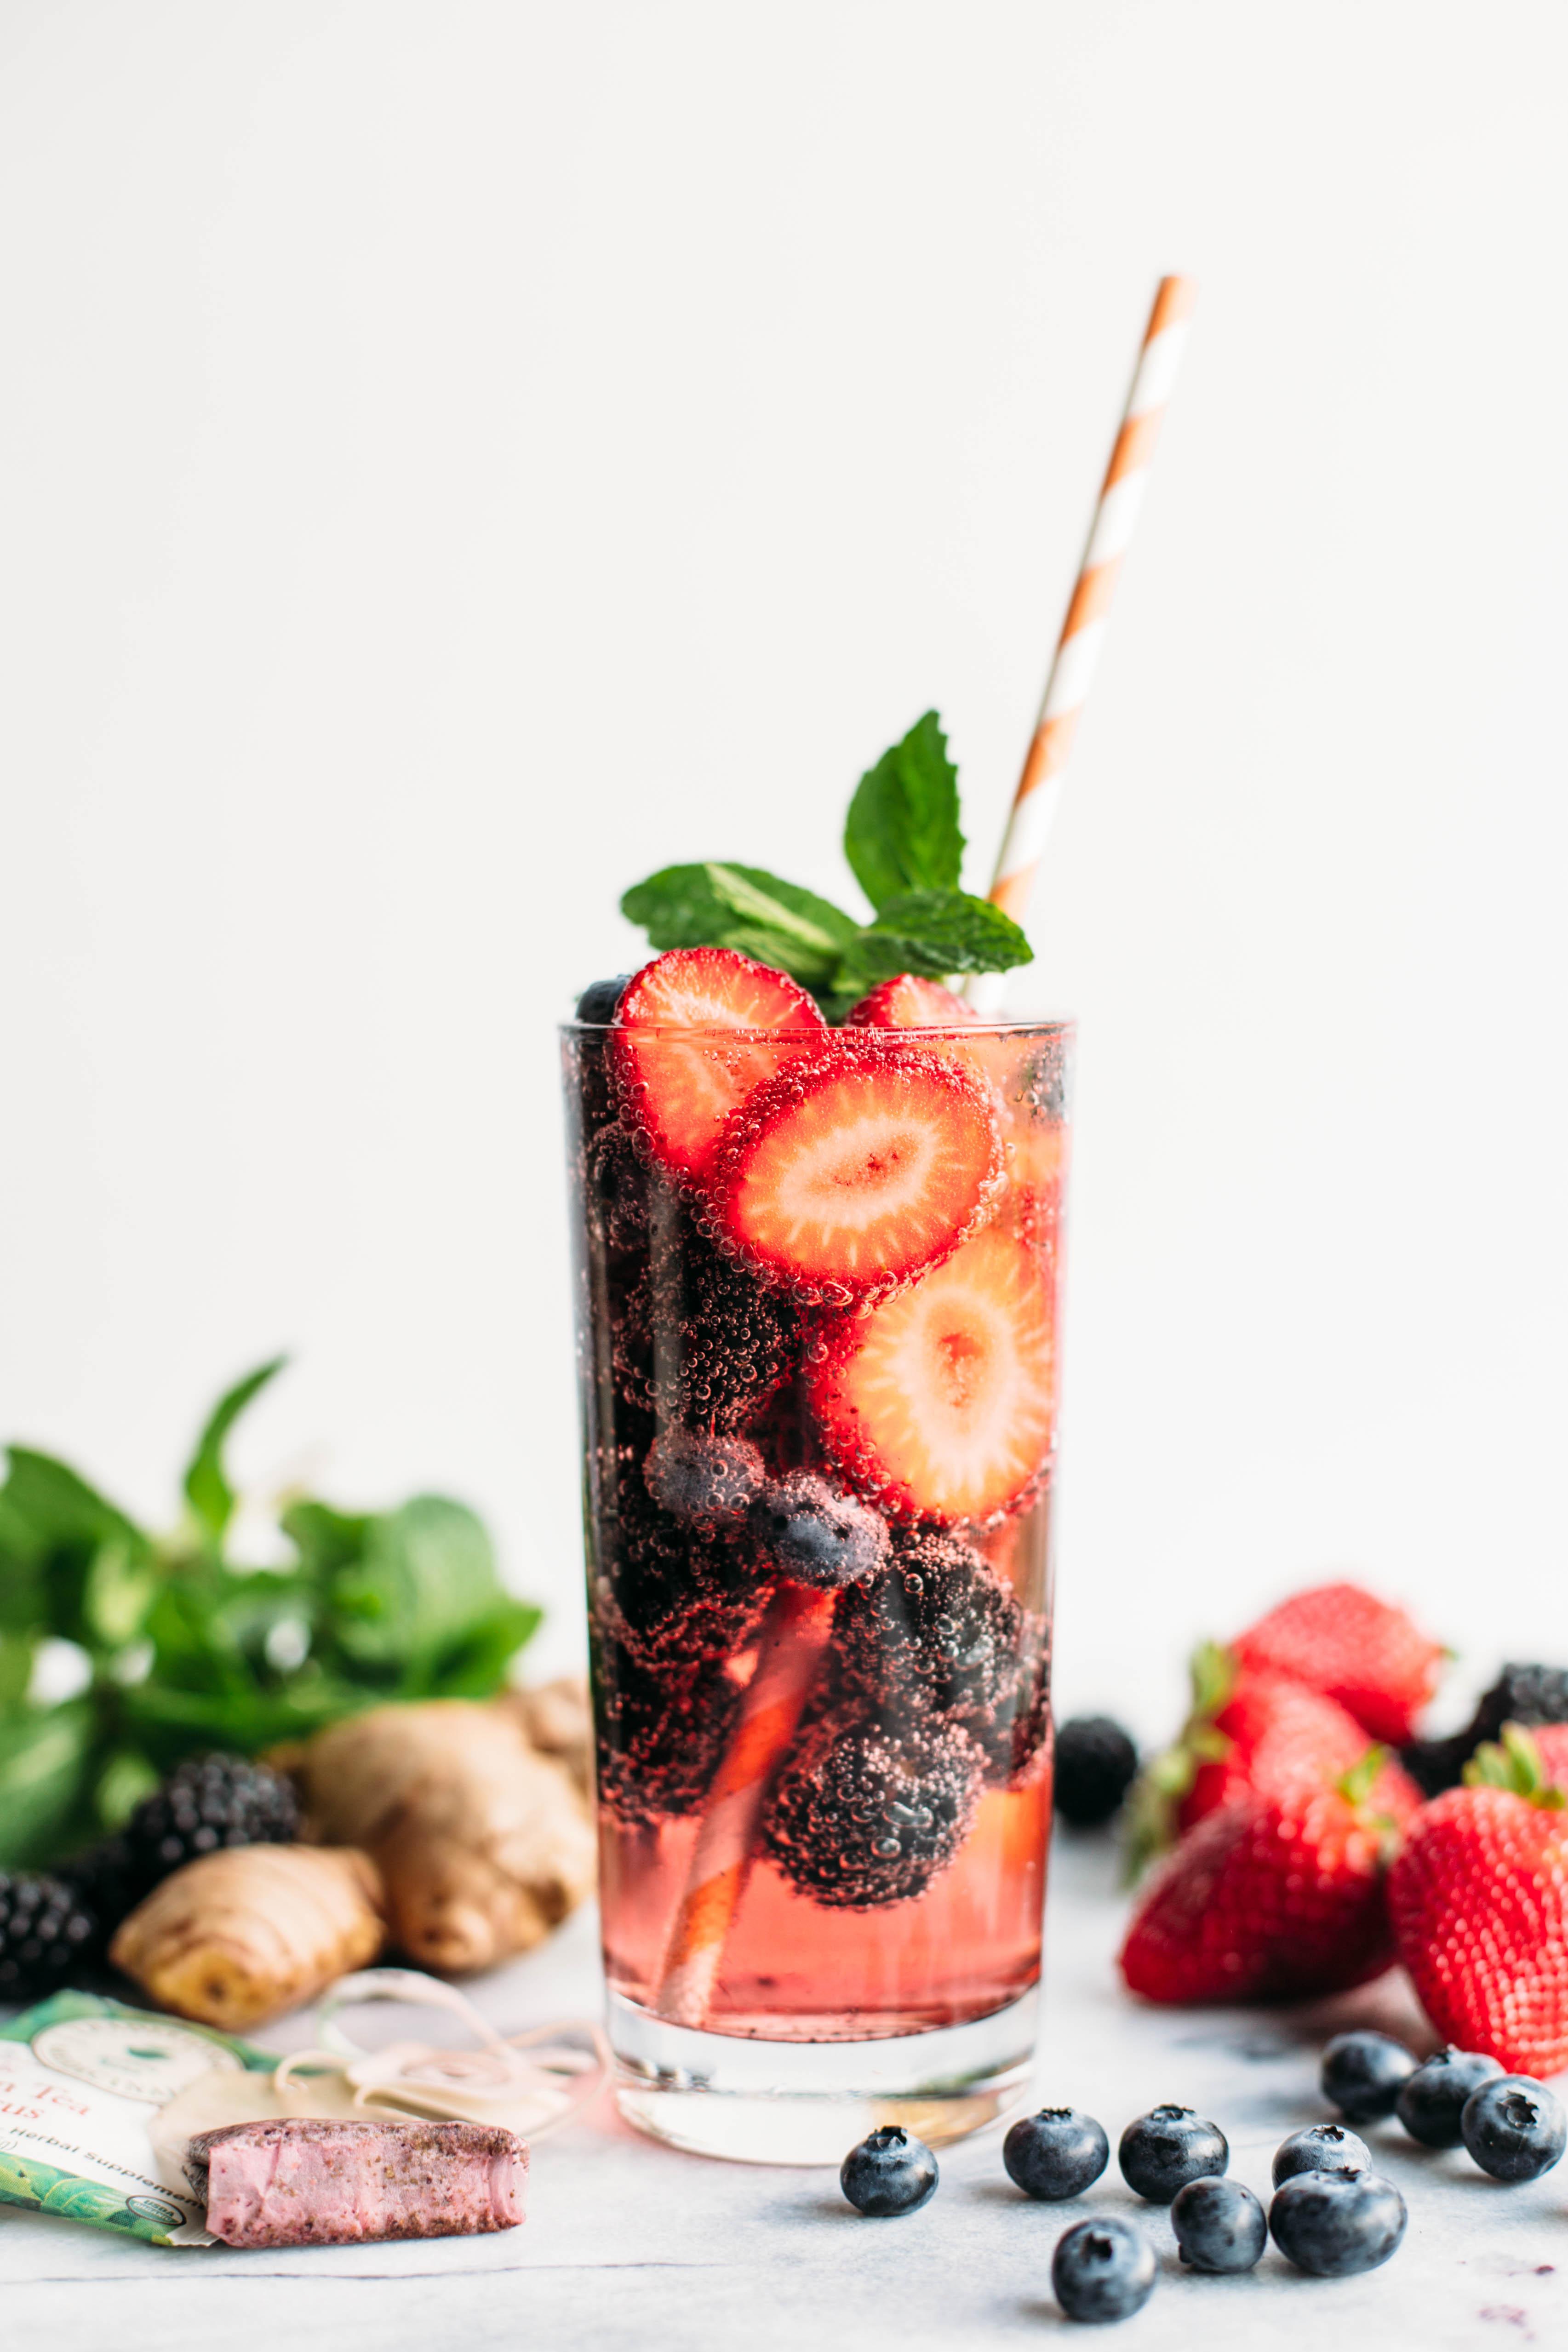 DIY starbucks berry refresher-1 (2)